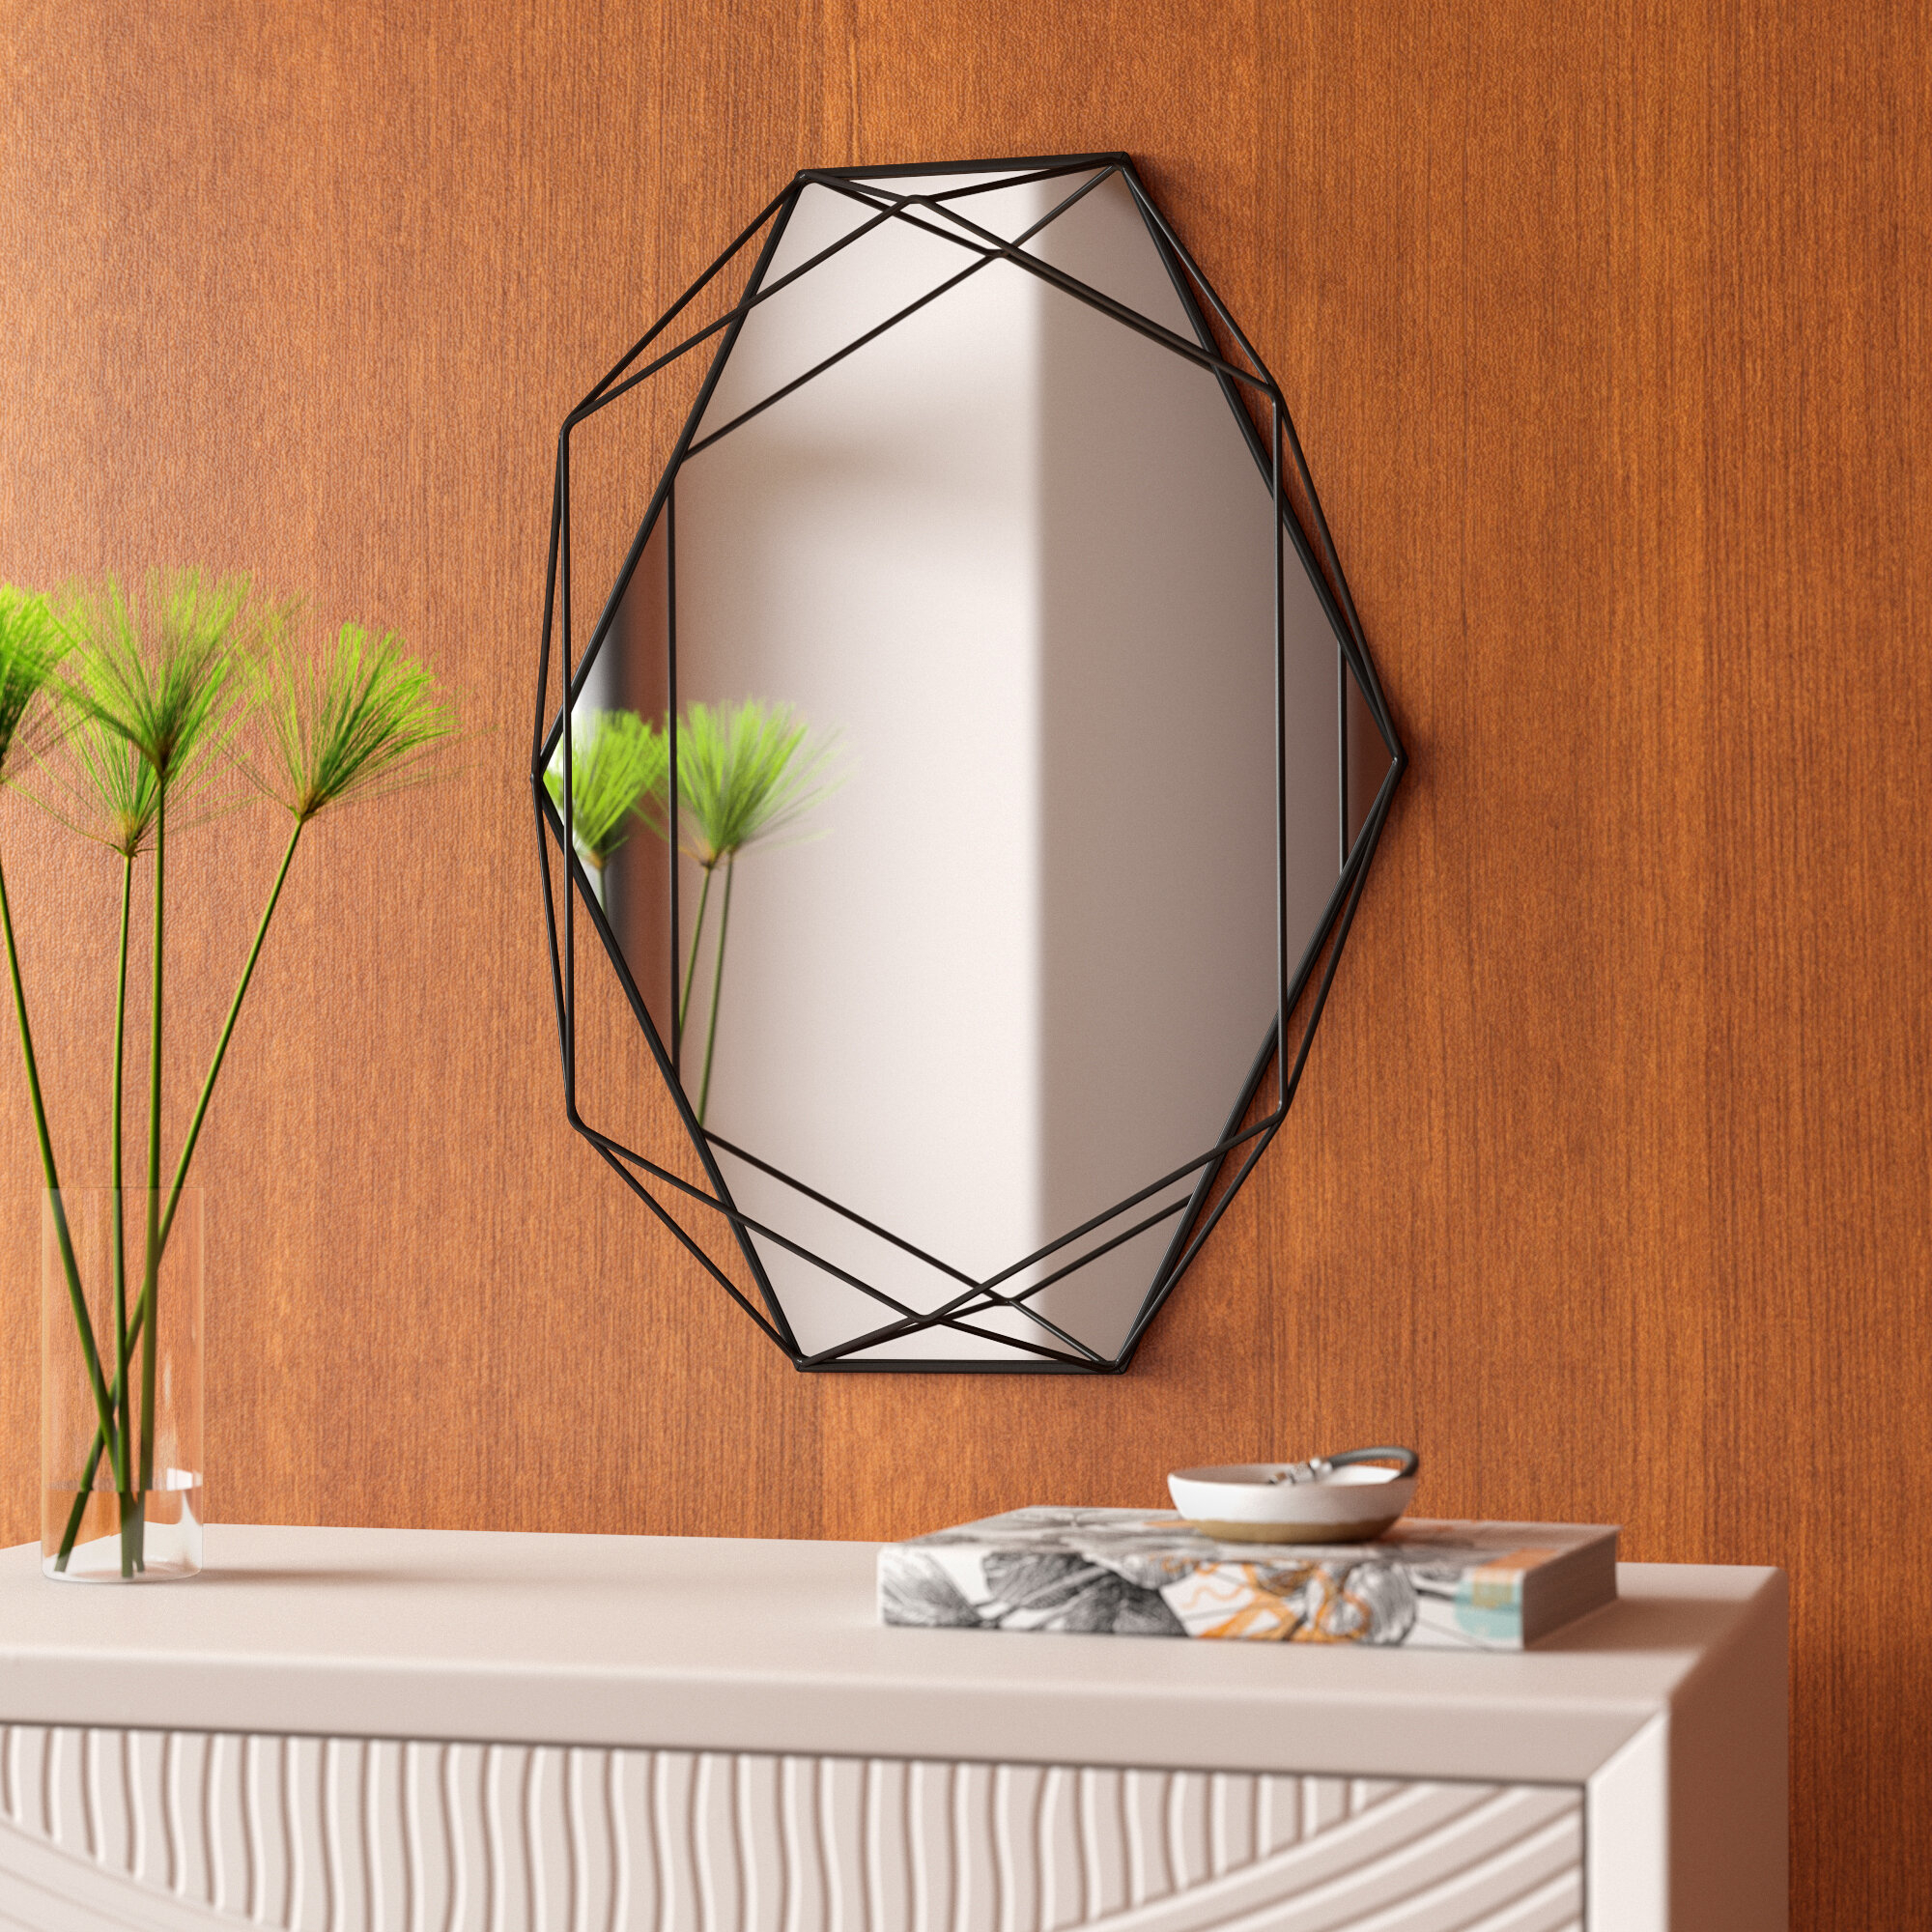 Prisma Modern & Contemporary Accent Mirror in Hub Modern and Contemporary Accent Mirrors (Image 19 of 30)